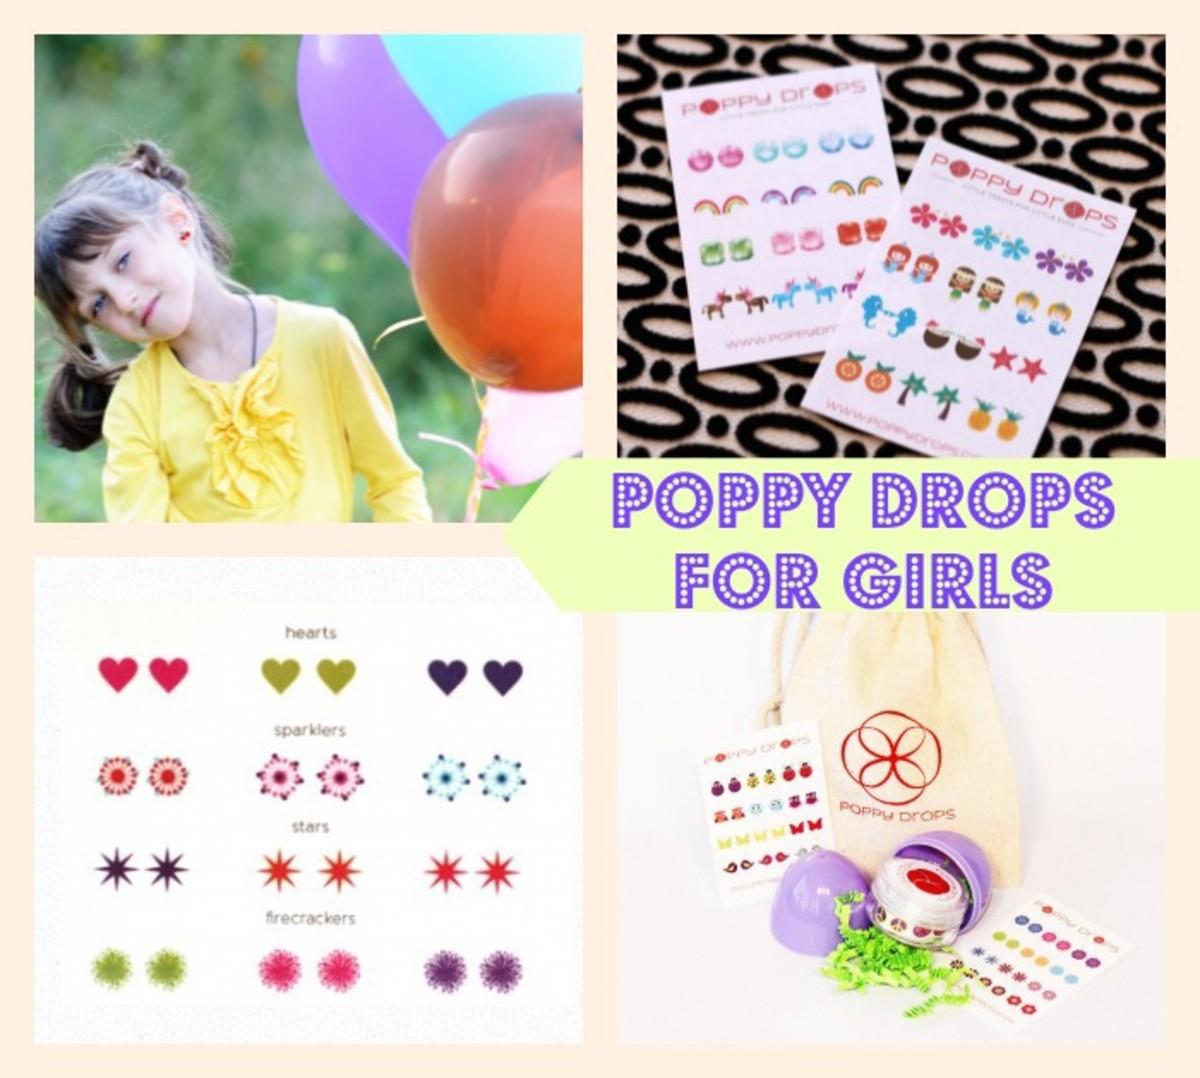 PoppyDrops